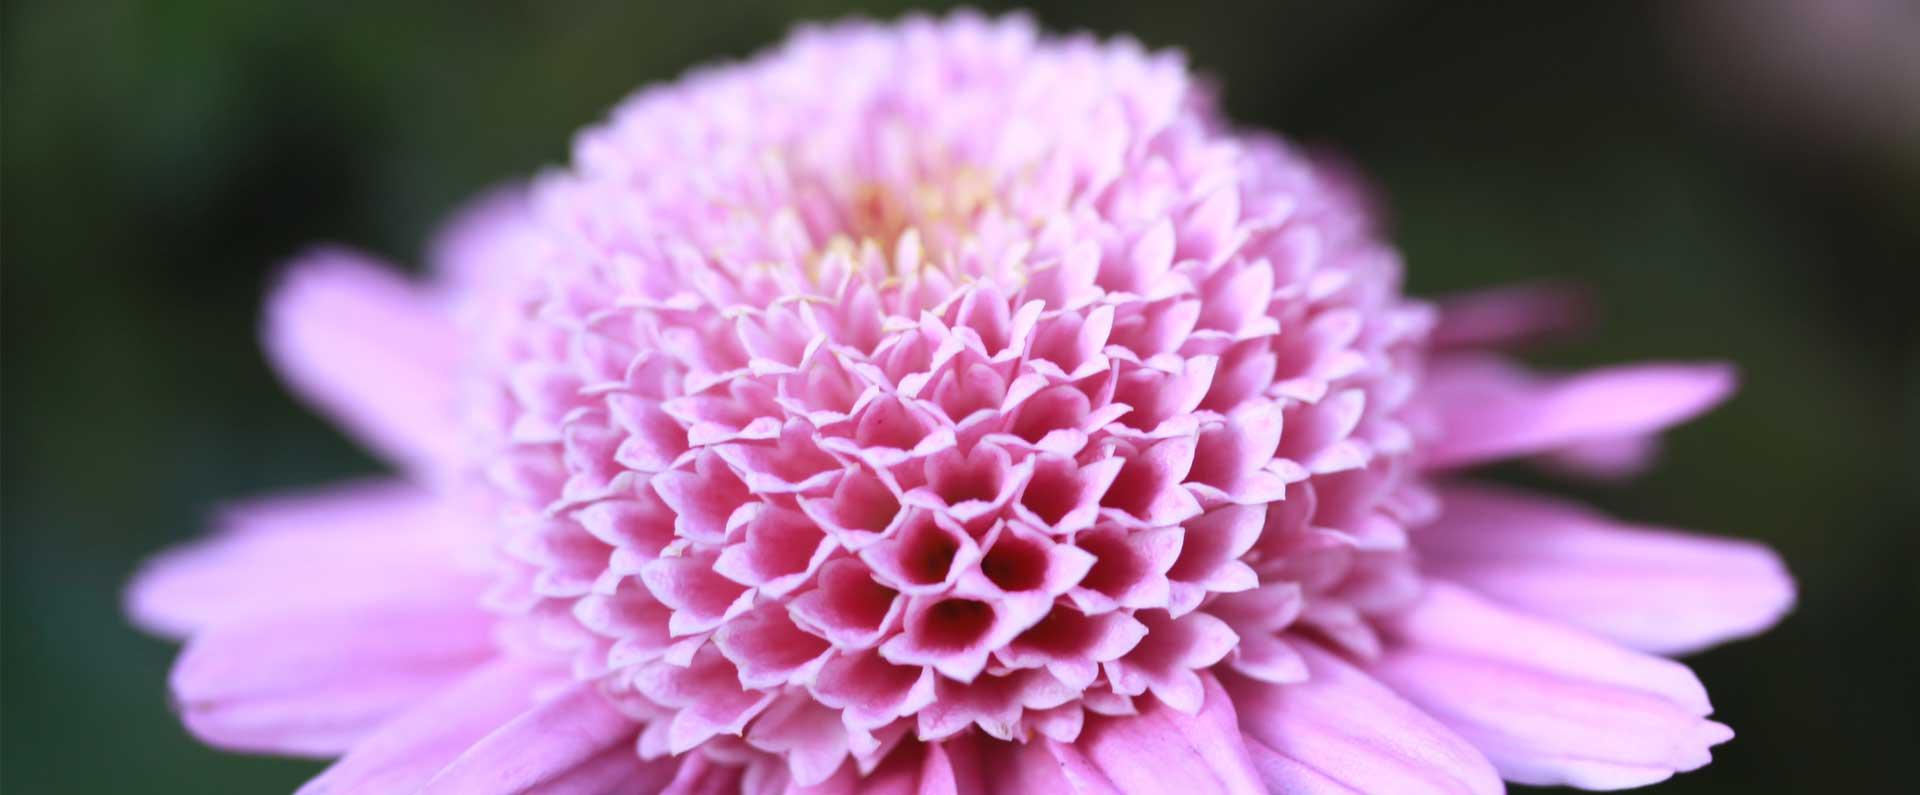 Slide-toussaint-chrysanthème-aloé-3